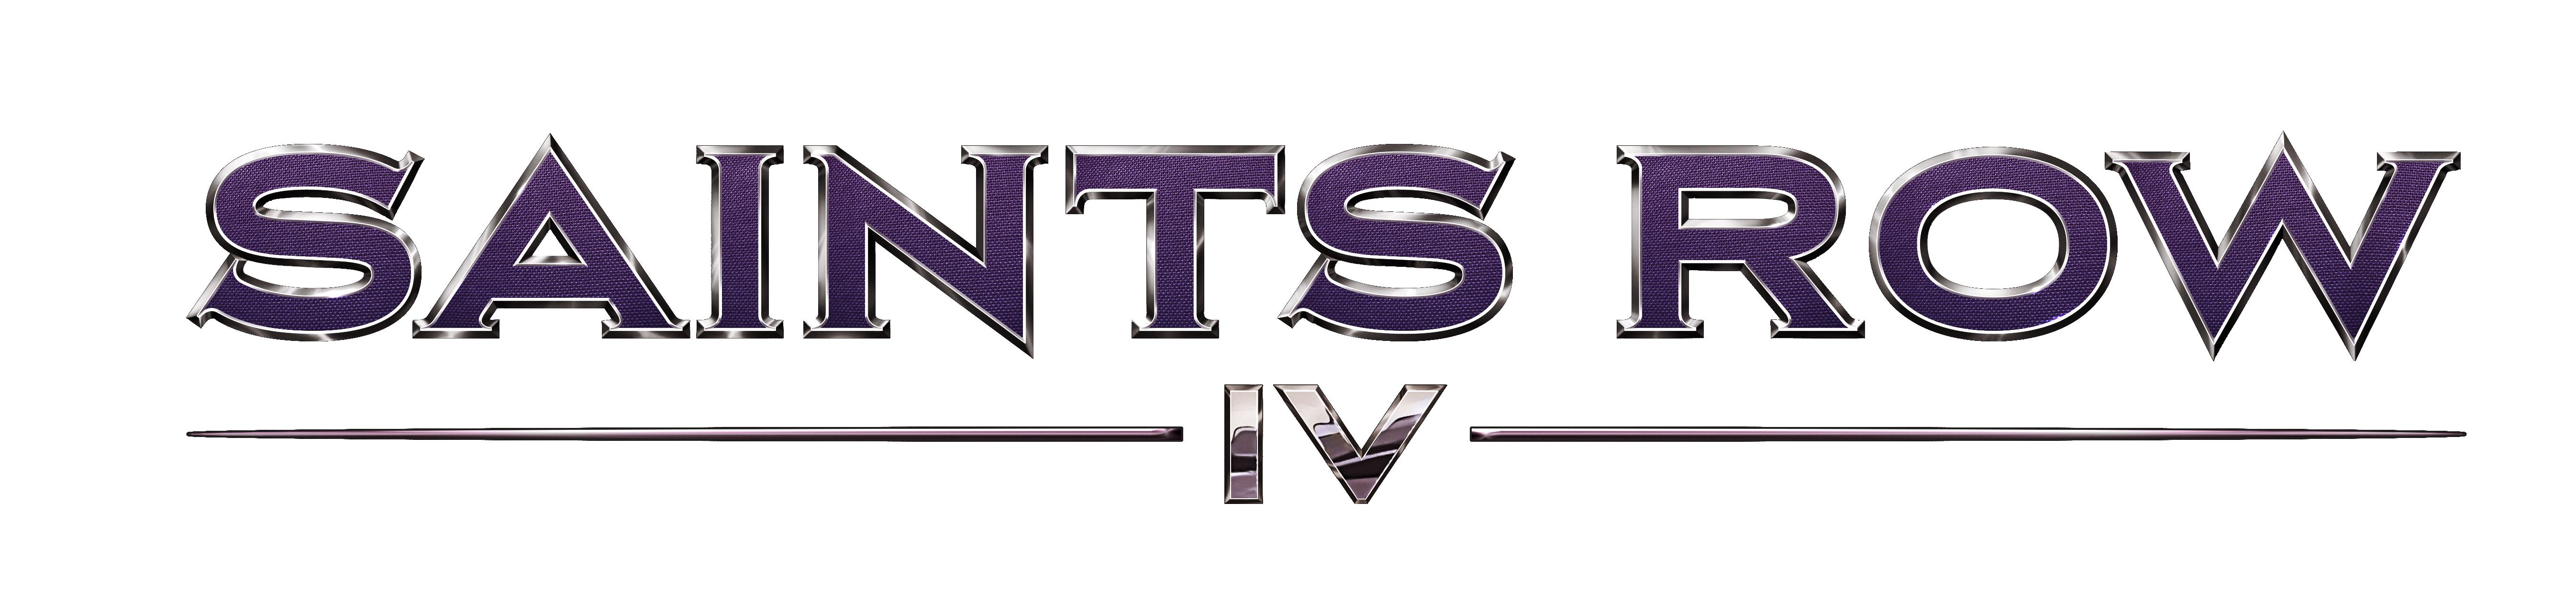 Saints row 4 logo by griddark